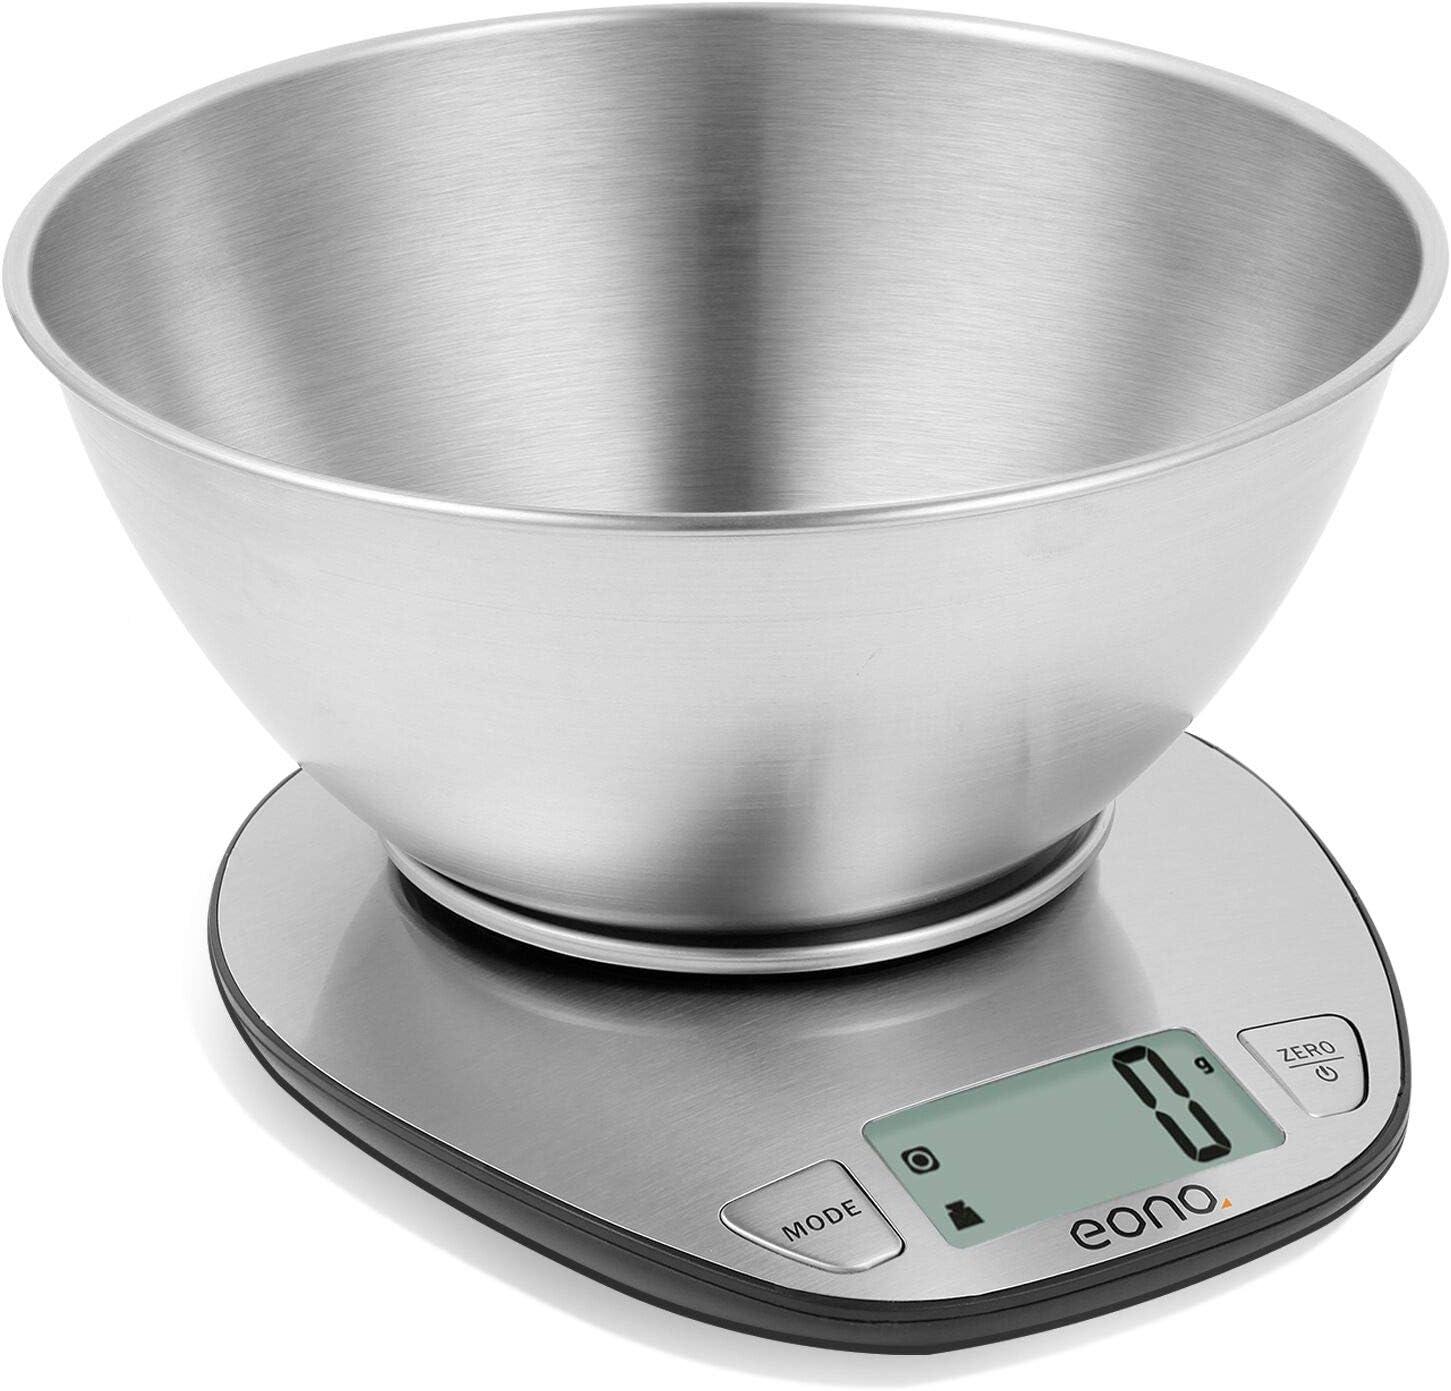 Eono by Amazon - Báscula de cocina digital; báscula de acero inoxidable con cuenco desmontable para hornear y cocinar; con función de tara y pantalla LCD; 5kg; 15años de garantía